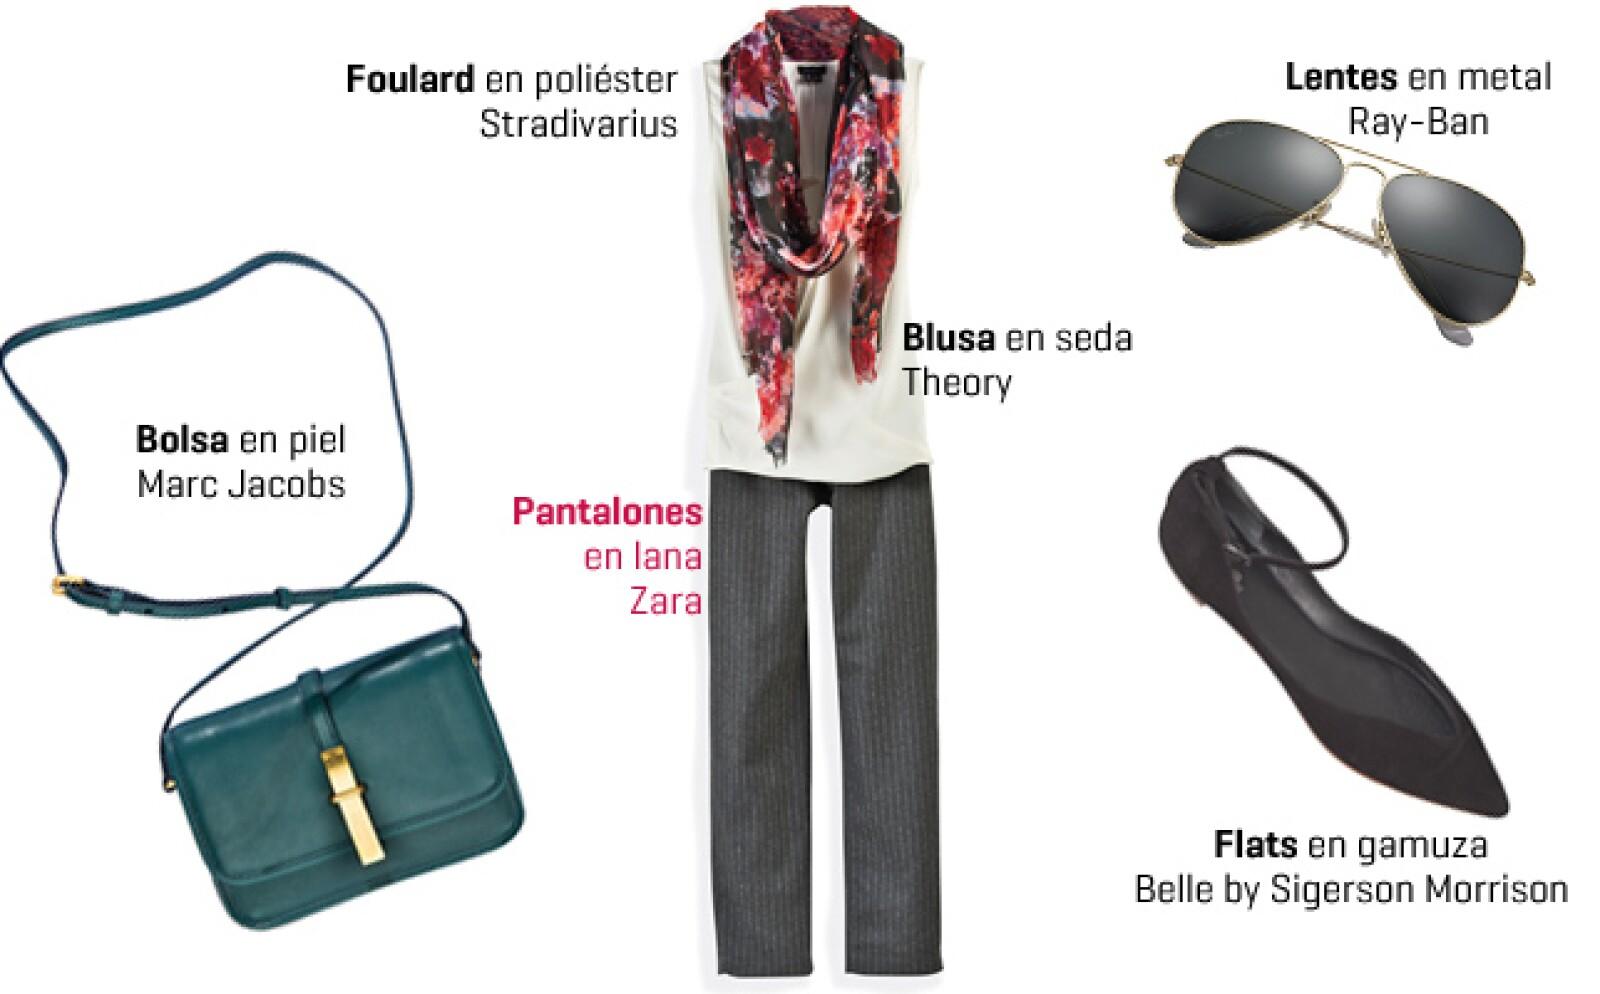 Contrarresta el aire masculino del pantalón con un top blanco sin mangas y un foulard con estampado floral. Combina el outfit con unos flats con punta.